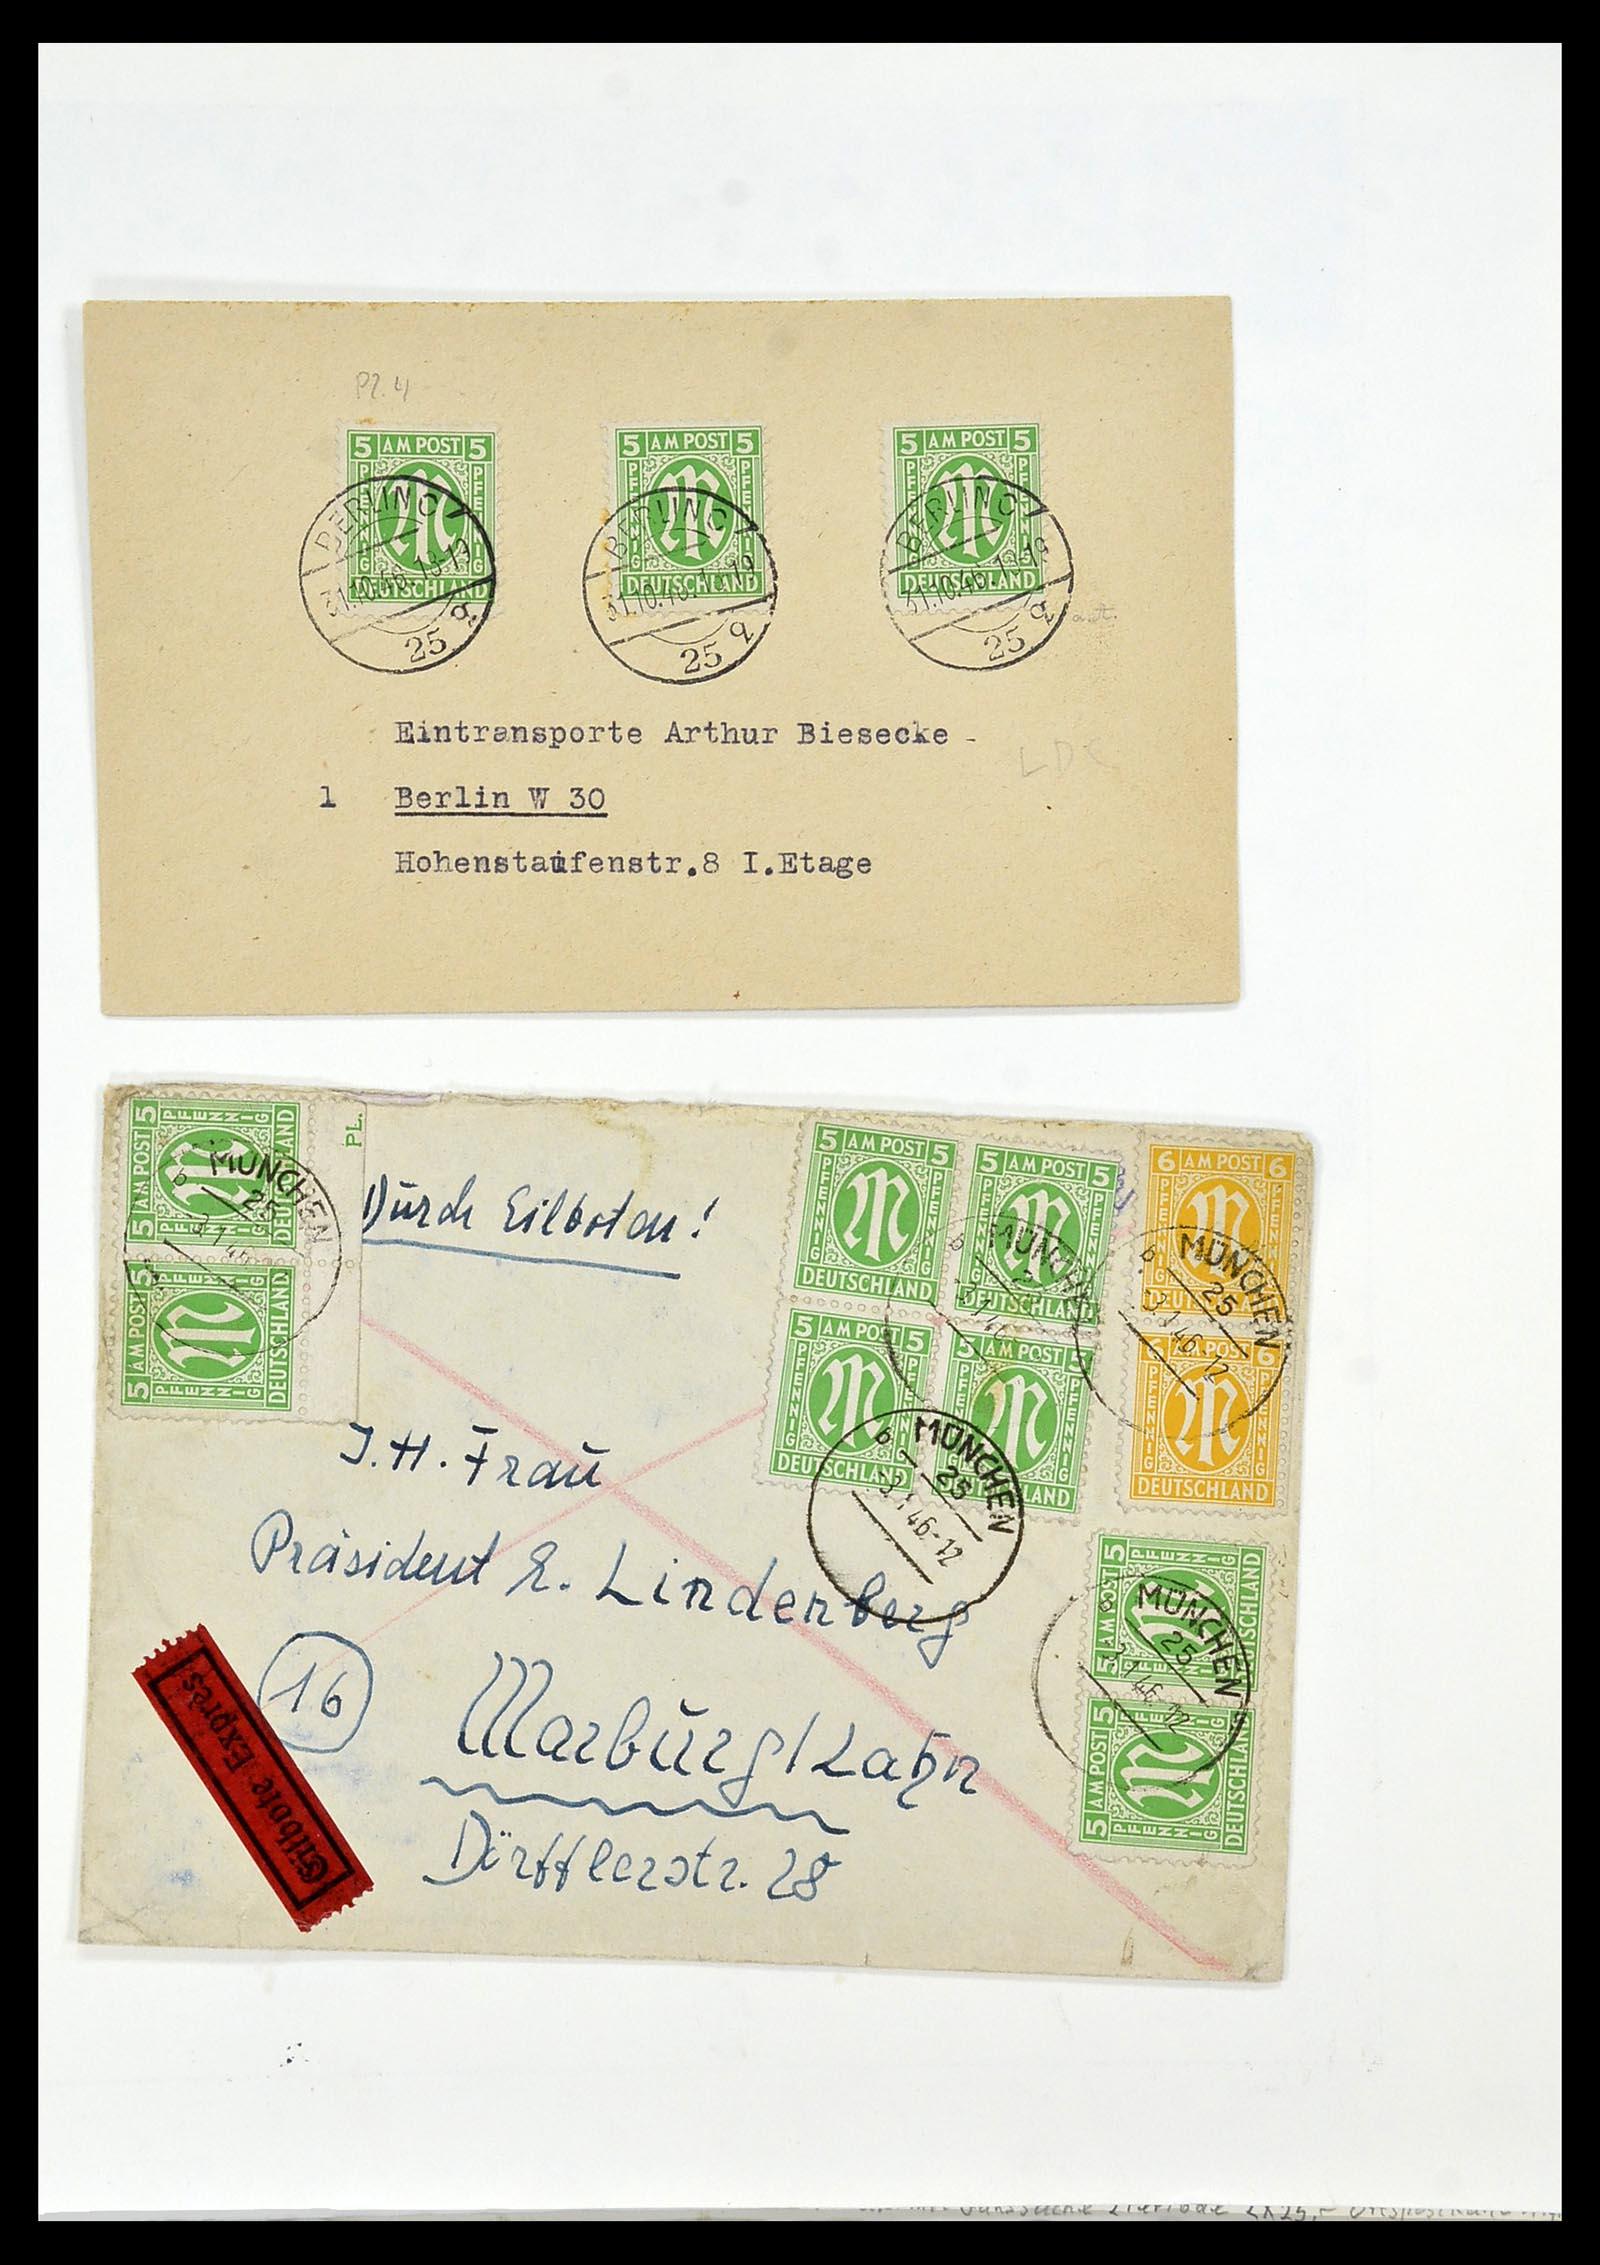 34152 016 - Postzegelverzameling 34152 Duitse Zones 1945-1949.